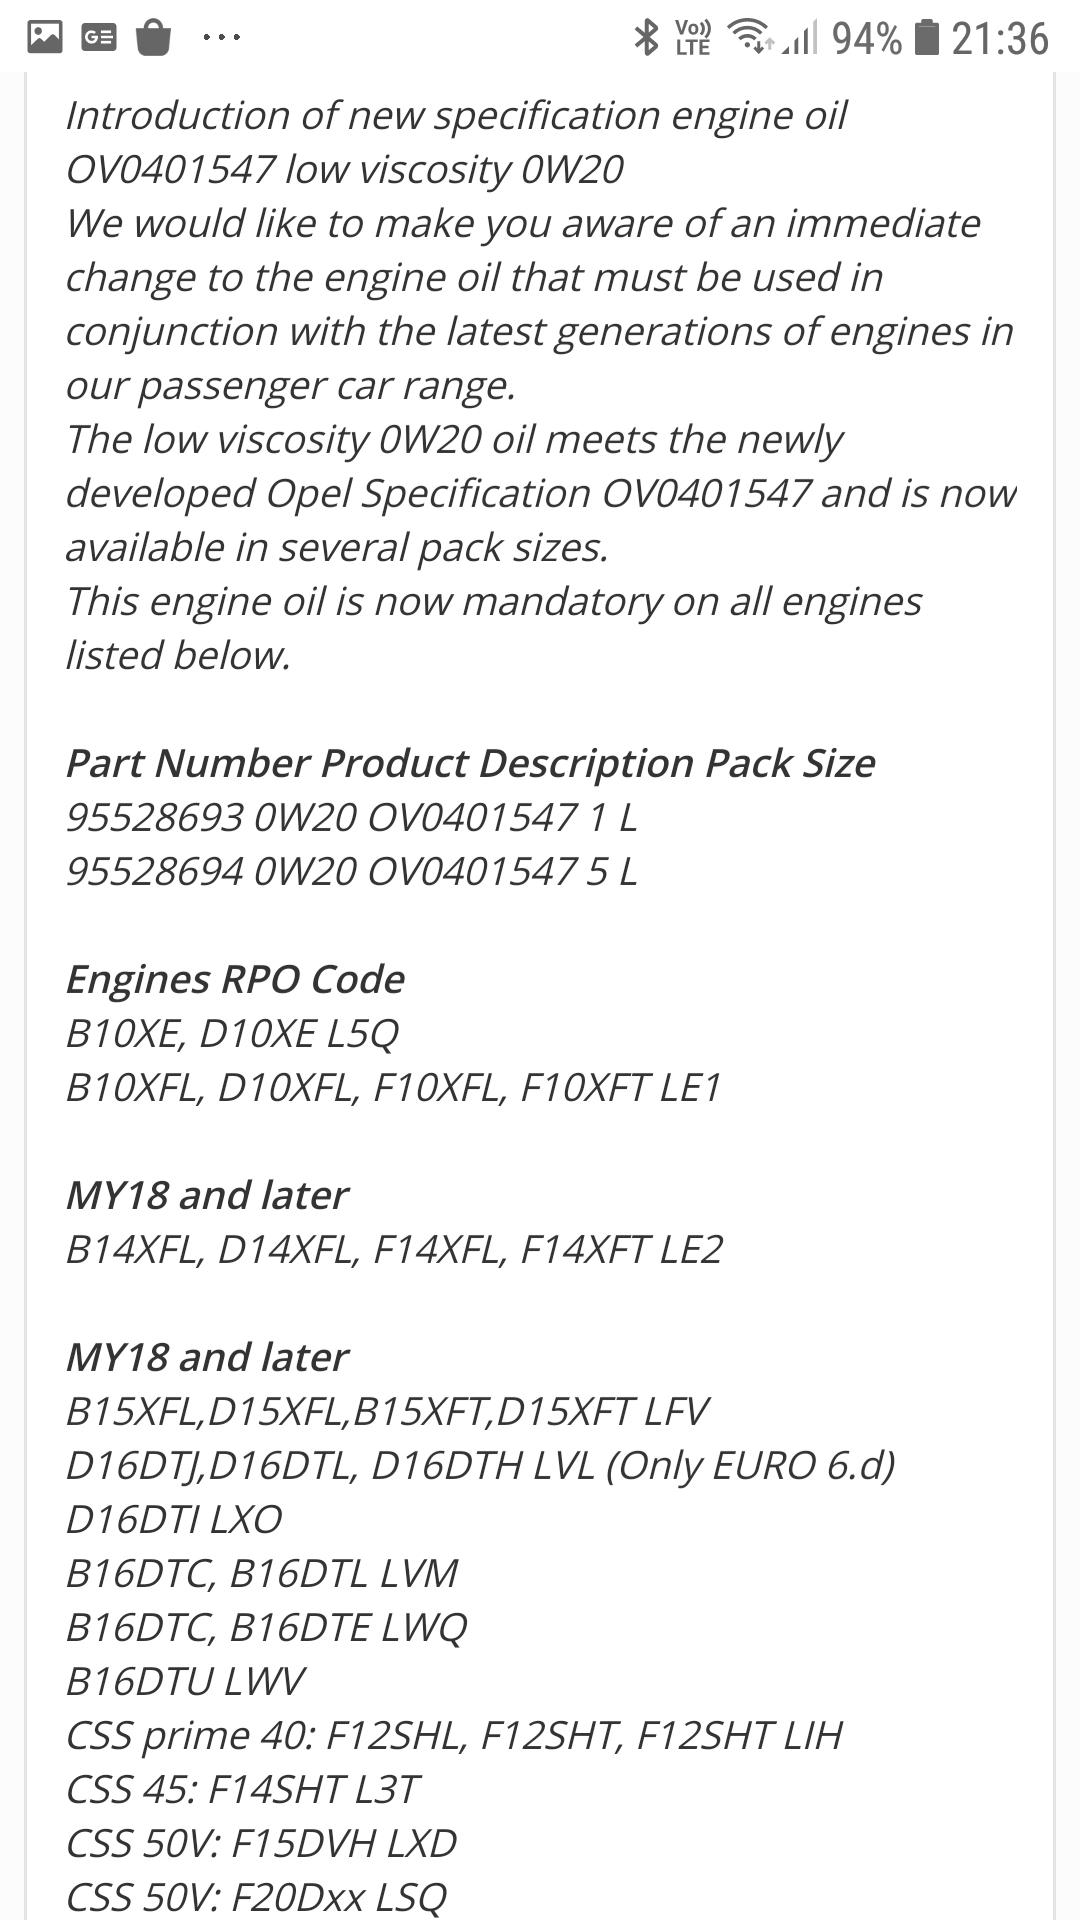 Aceite GM dexos 1 generación 2 - Página 5 File